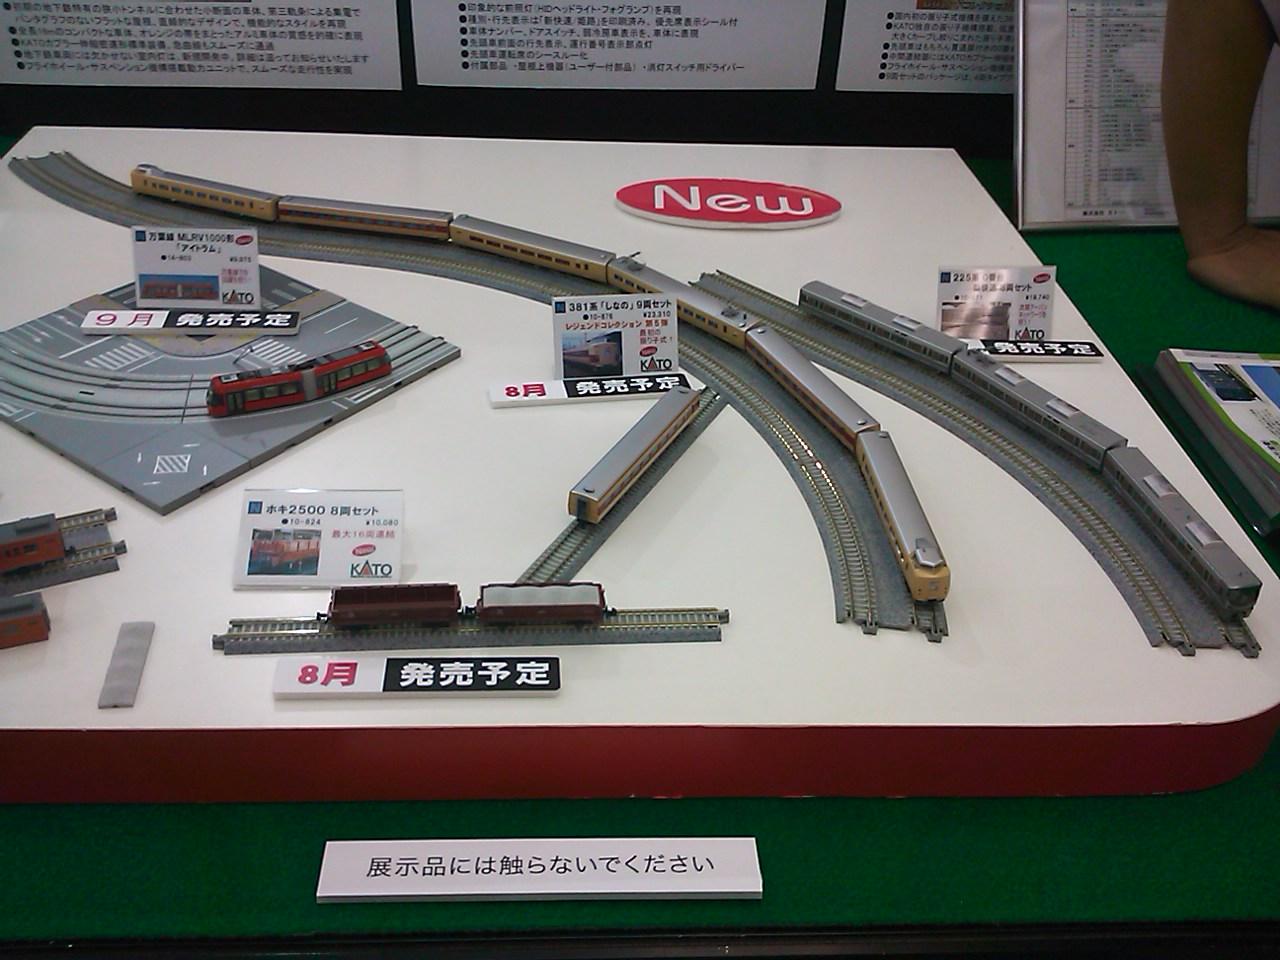 Sn3n0057